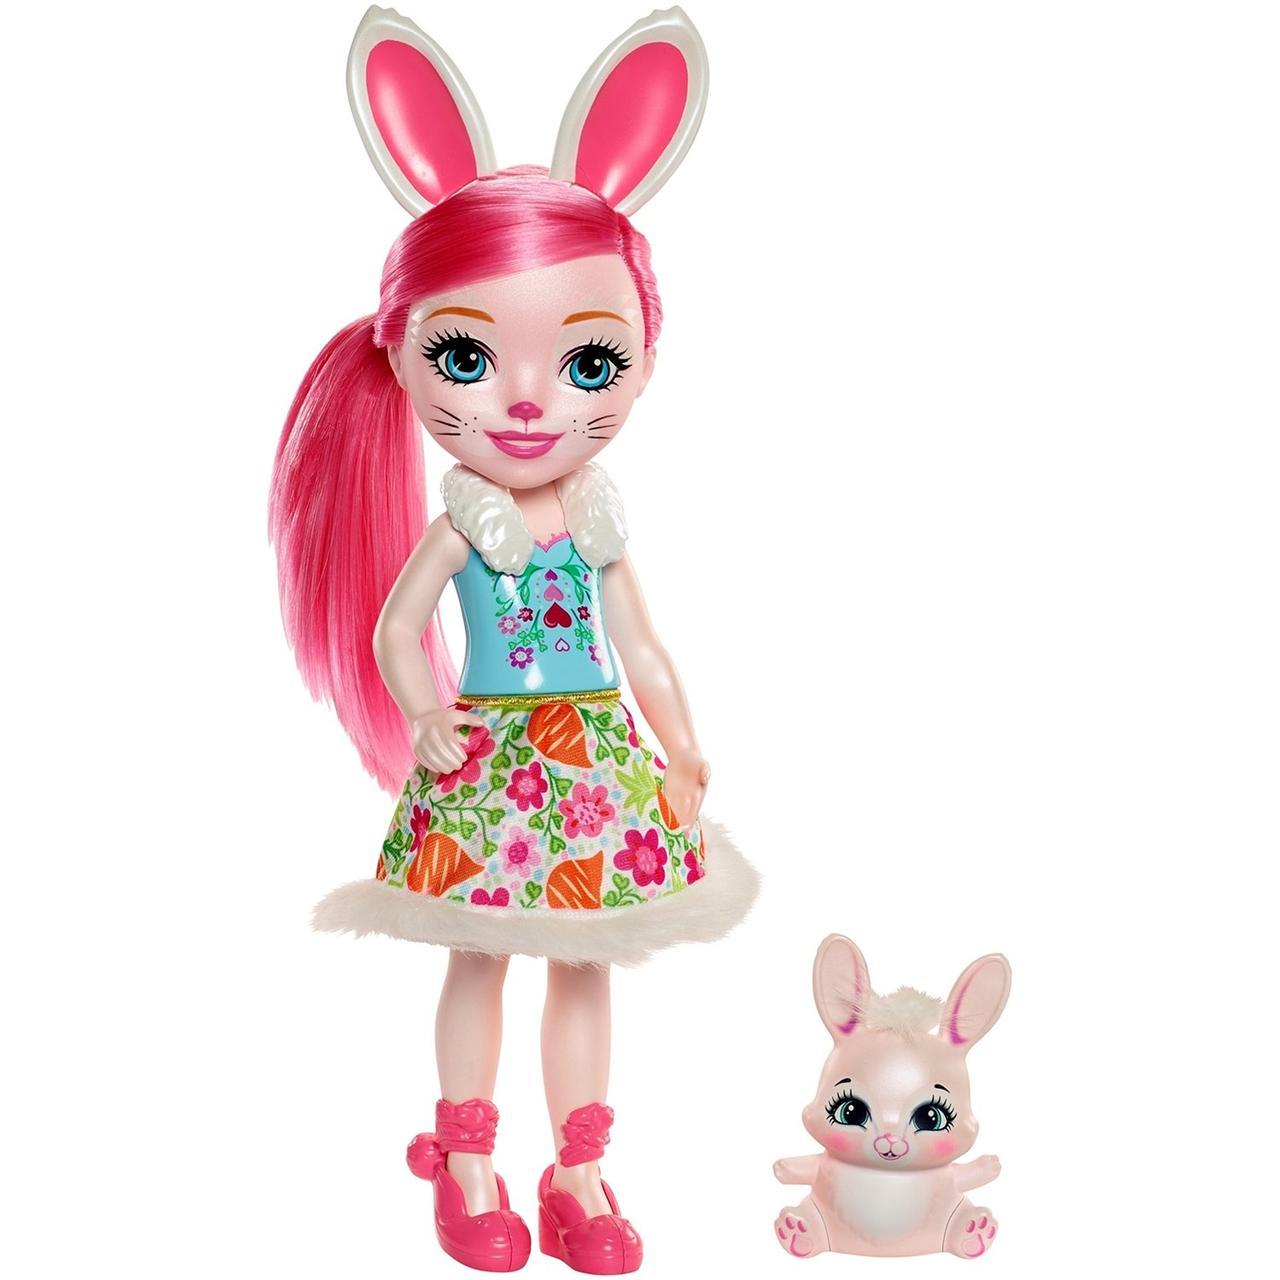 Enchantimals Высокая Кукла Энчантималс с питомцем Бри Кроля, 37 см (FRH52)